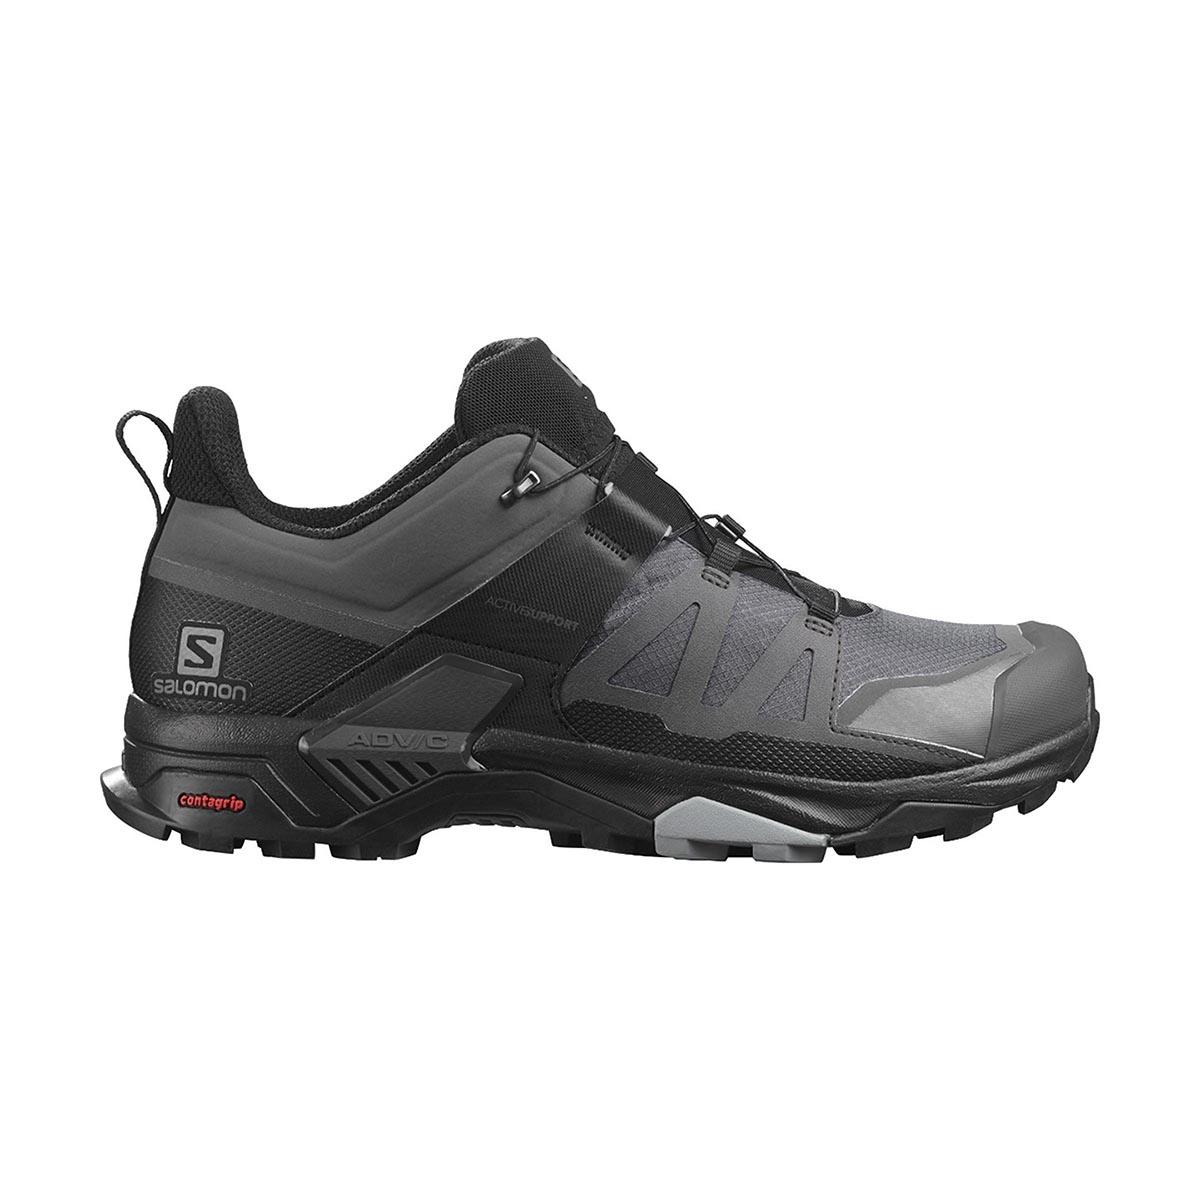 Salomon X Ultra 4 Gtx Erkek Outdoor Ayakkabı L41287000